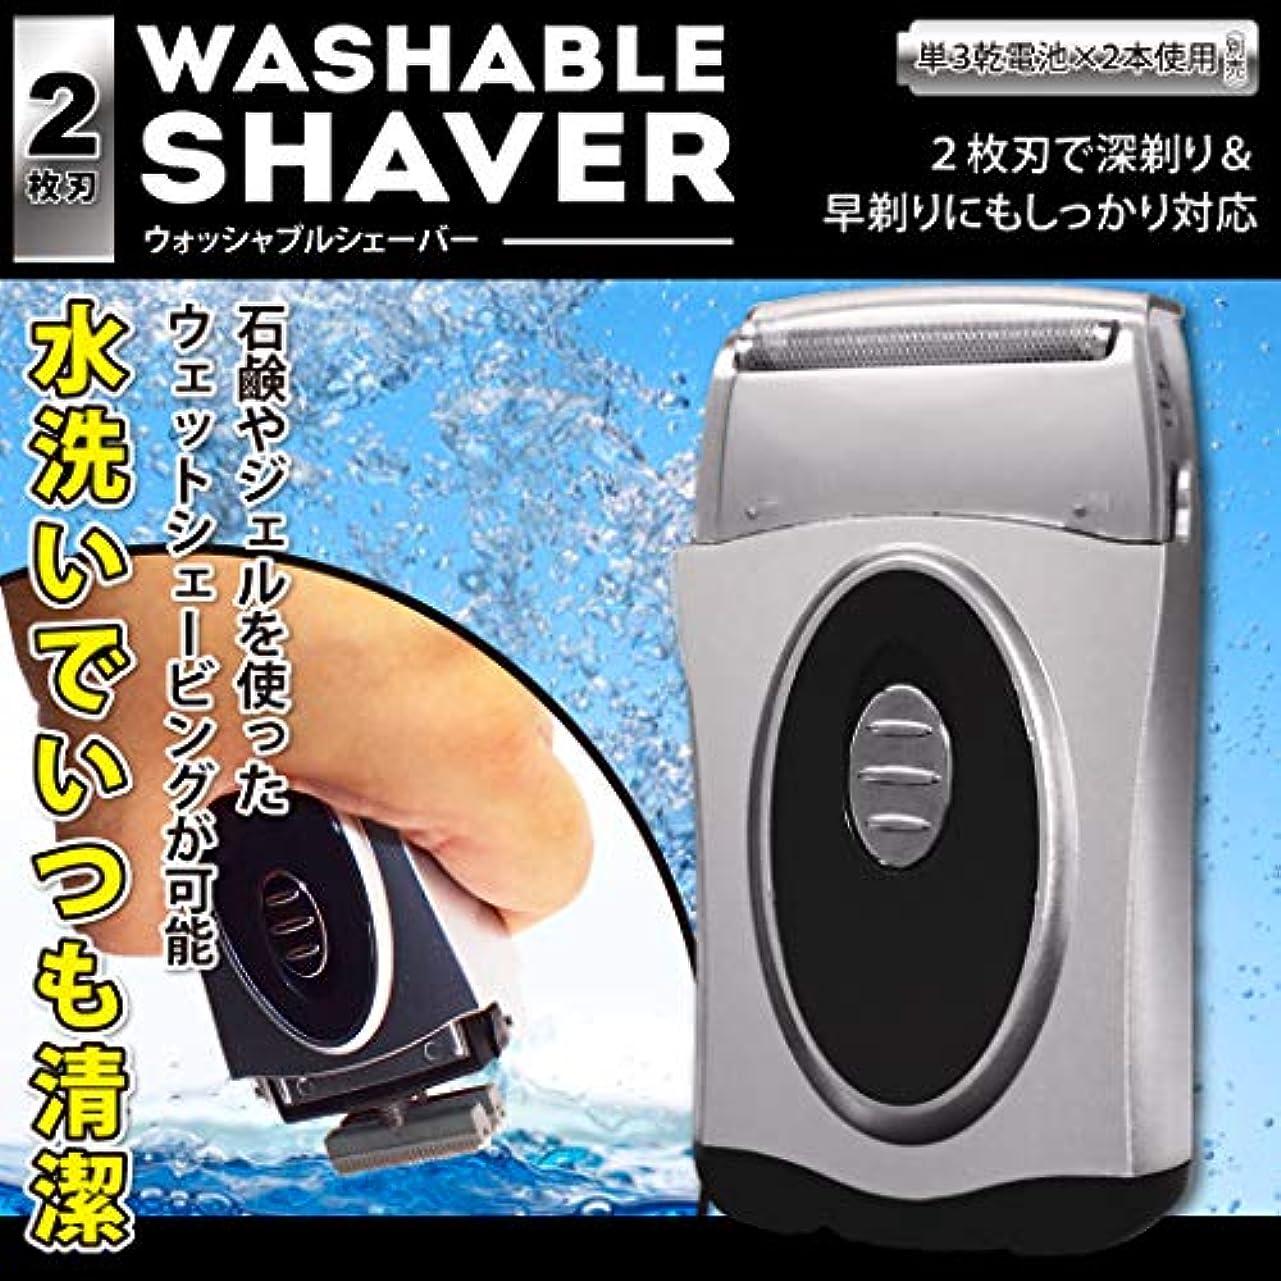 規定コンテンツ特殊ウォッシャブルシェーバー 2枚刃 水洗い